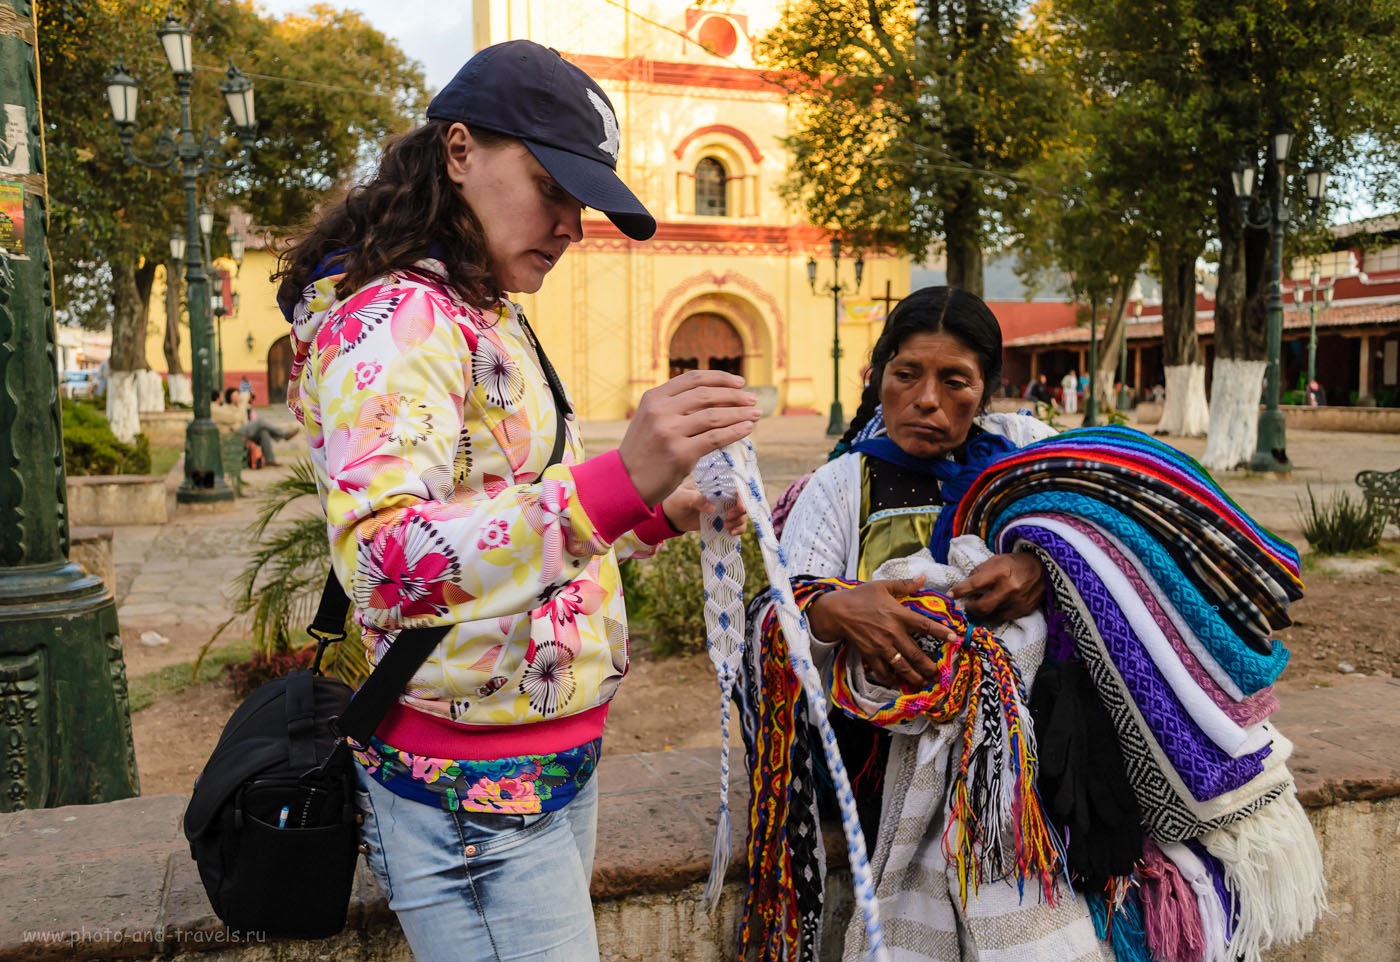 17. Что купить в Мексике в качестве подарка? Где покупать сувениры? Мой ответ - в городе Сан-Кристобаль-де-Лас-Касас штата Чьяпас. Здесь и выбор большой, и цены не так высоки как в туристическом Канкуне или в Тулуме.